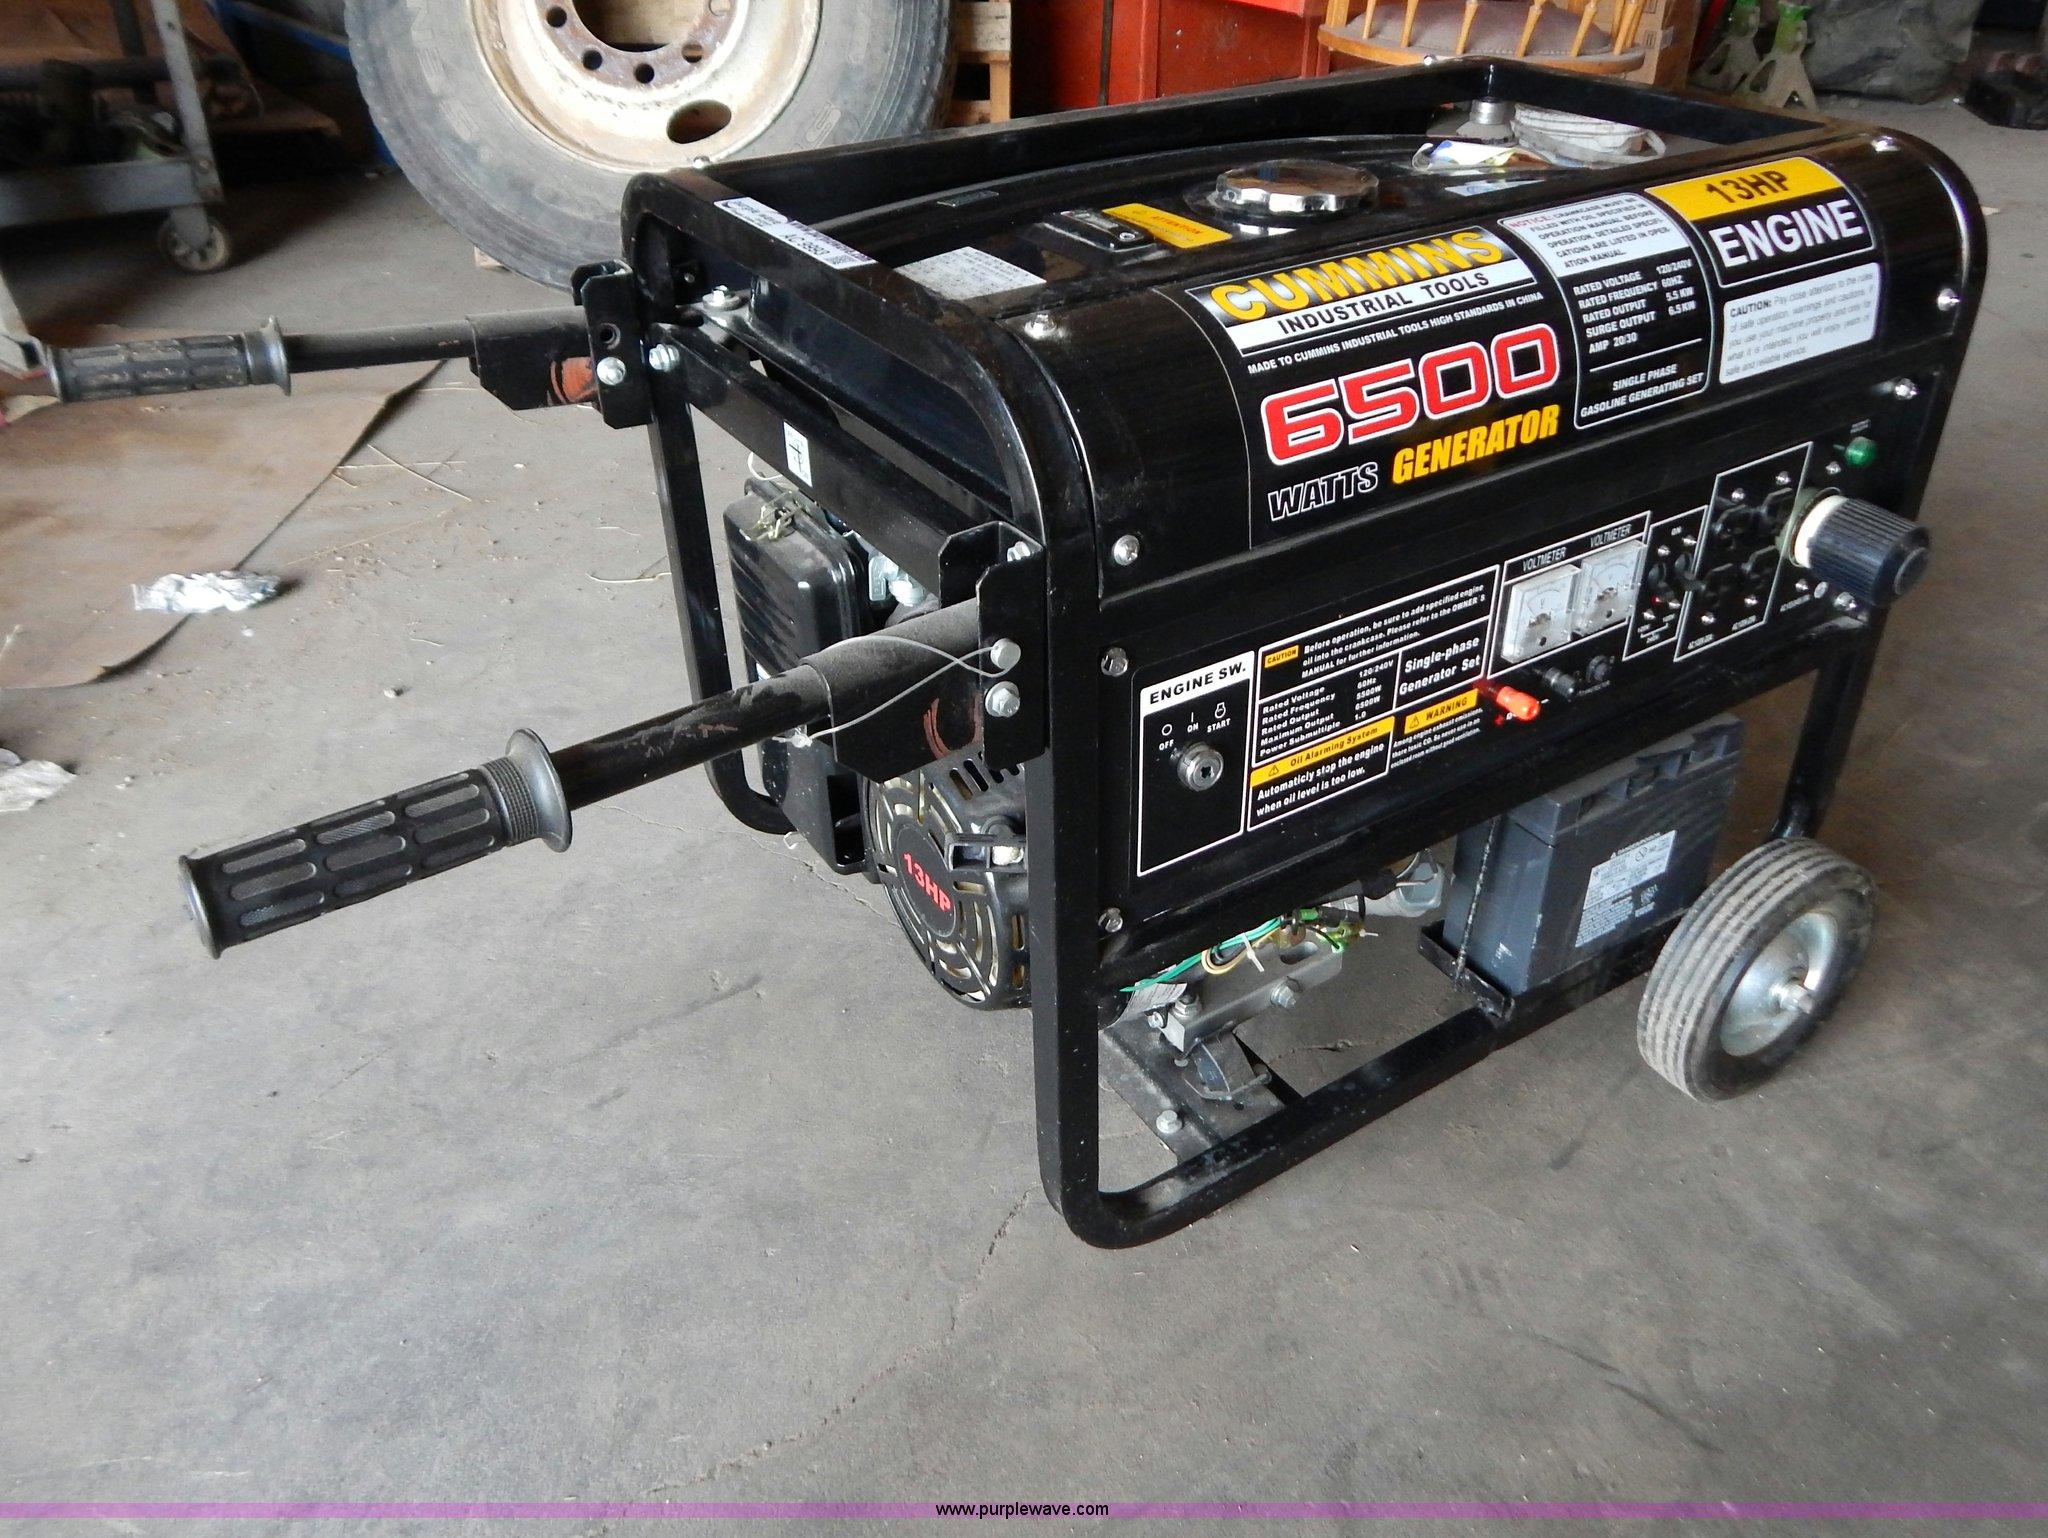 cummins 6 500 watt generator item ac9993 sold july 24 v rh purplewave com cummins generators manual pdf Cummins 1 Meg Generator